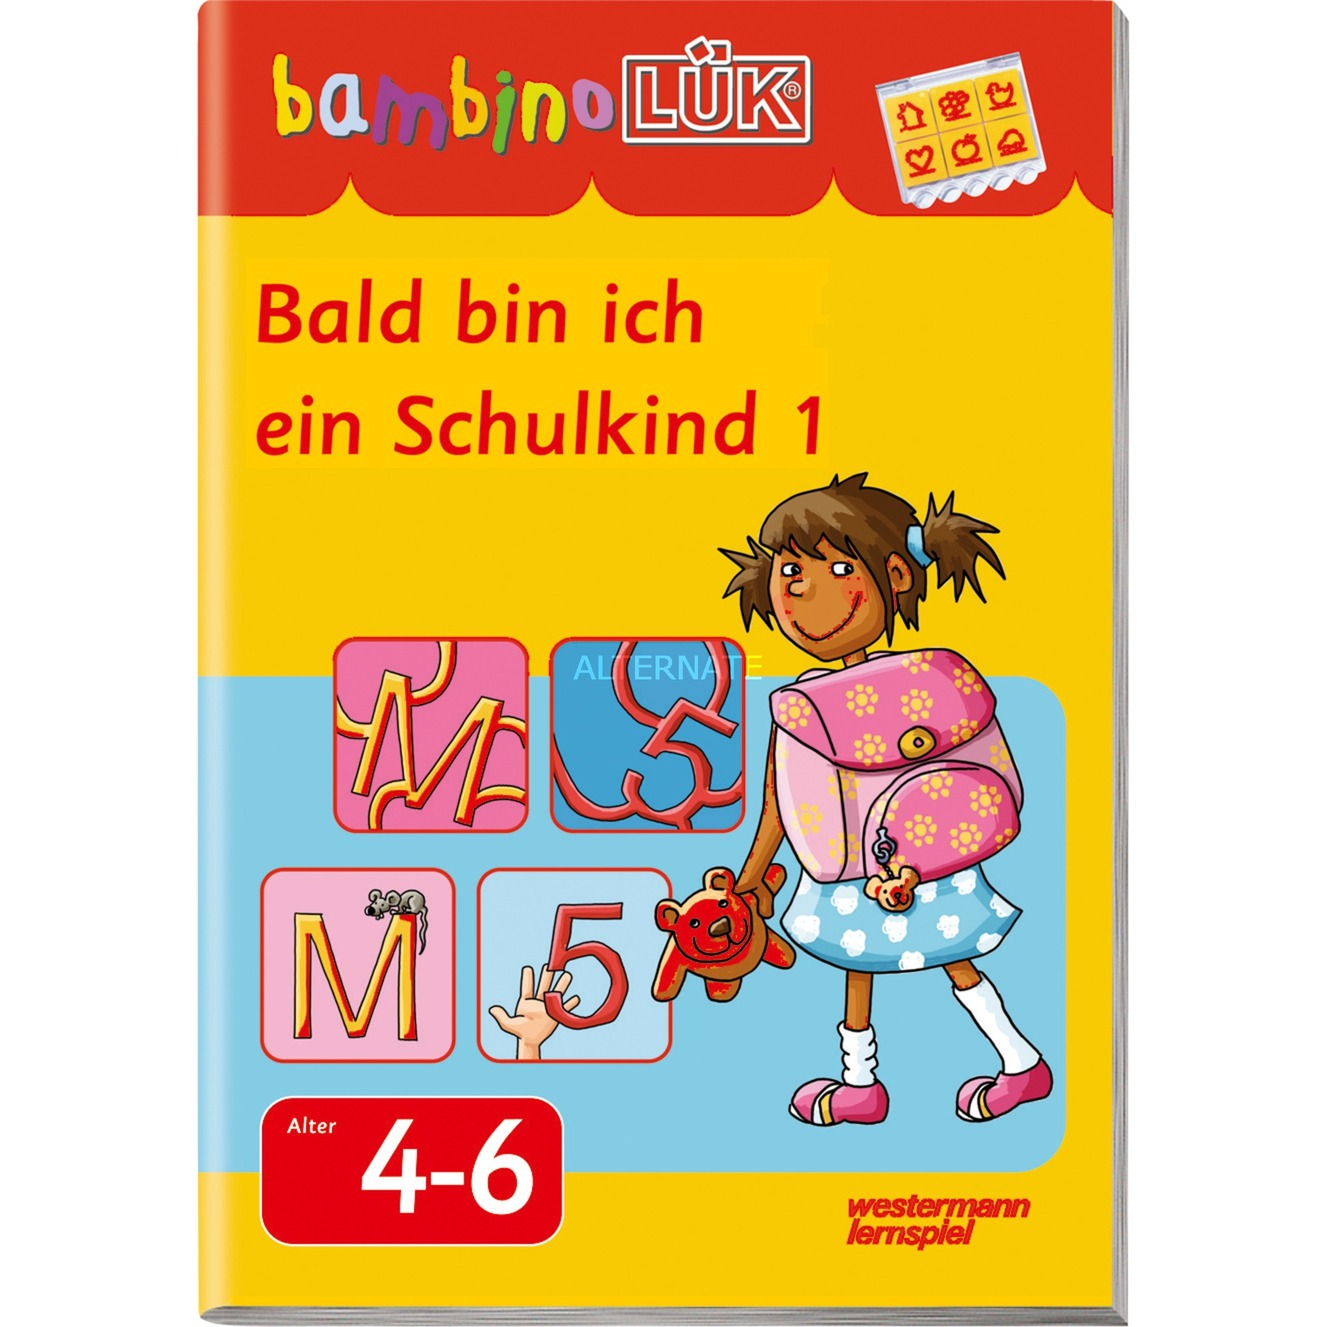 Bald bin ich ein Schulkind 1 livre pour enfants, Manuel